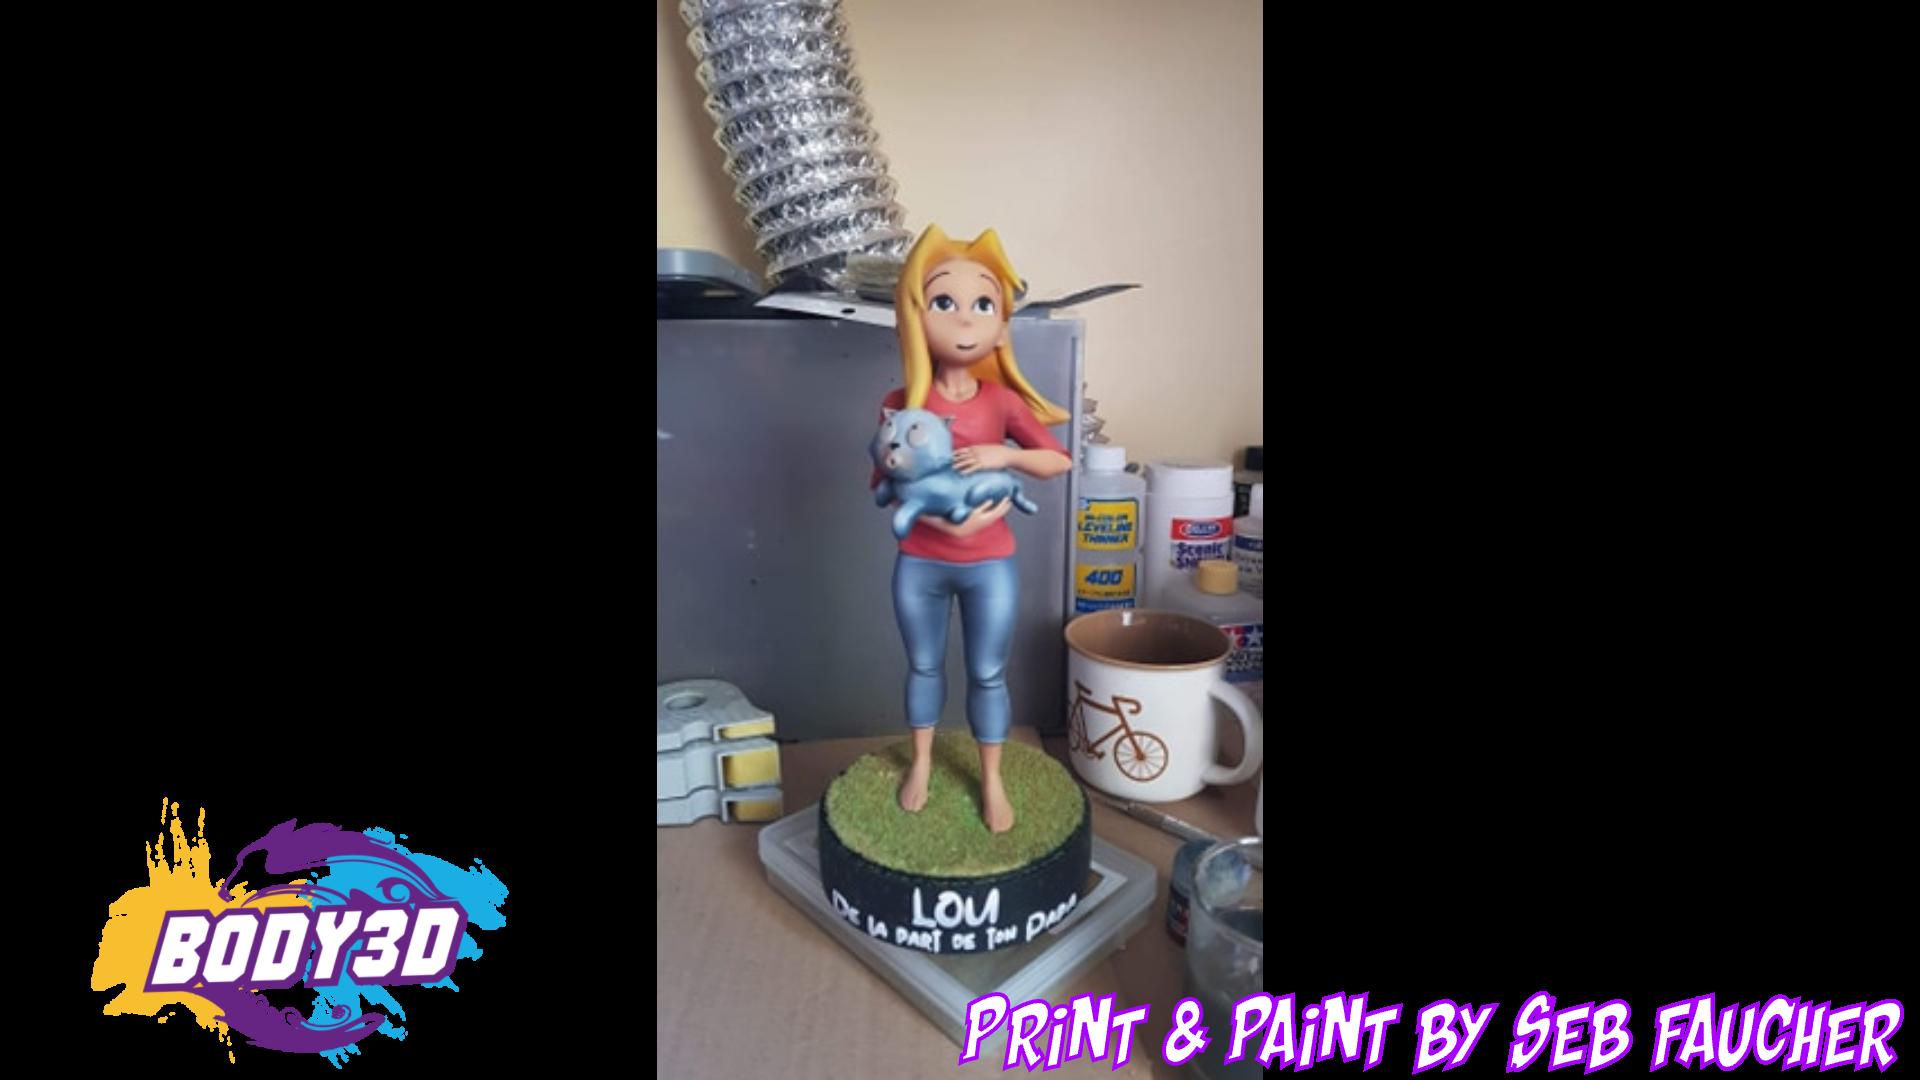 sdqfqsfdsfqsf.png Télécharger fichier STL Lou - BD • Modèle à imprimer en 3D, BODY3D